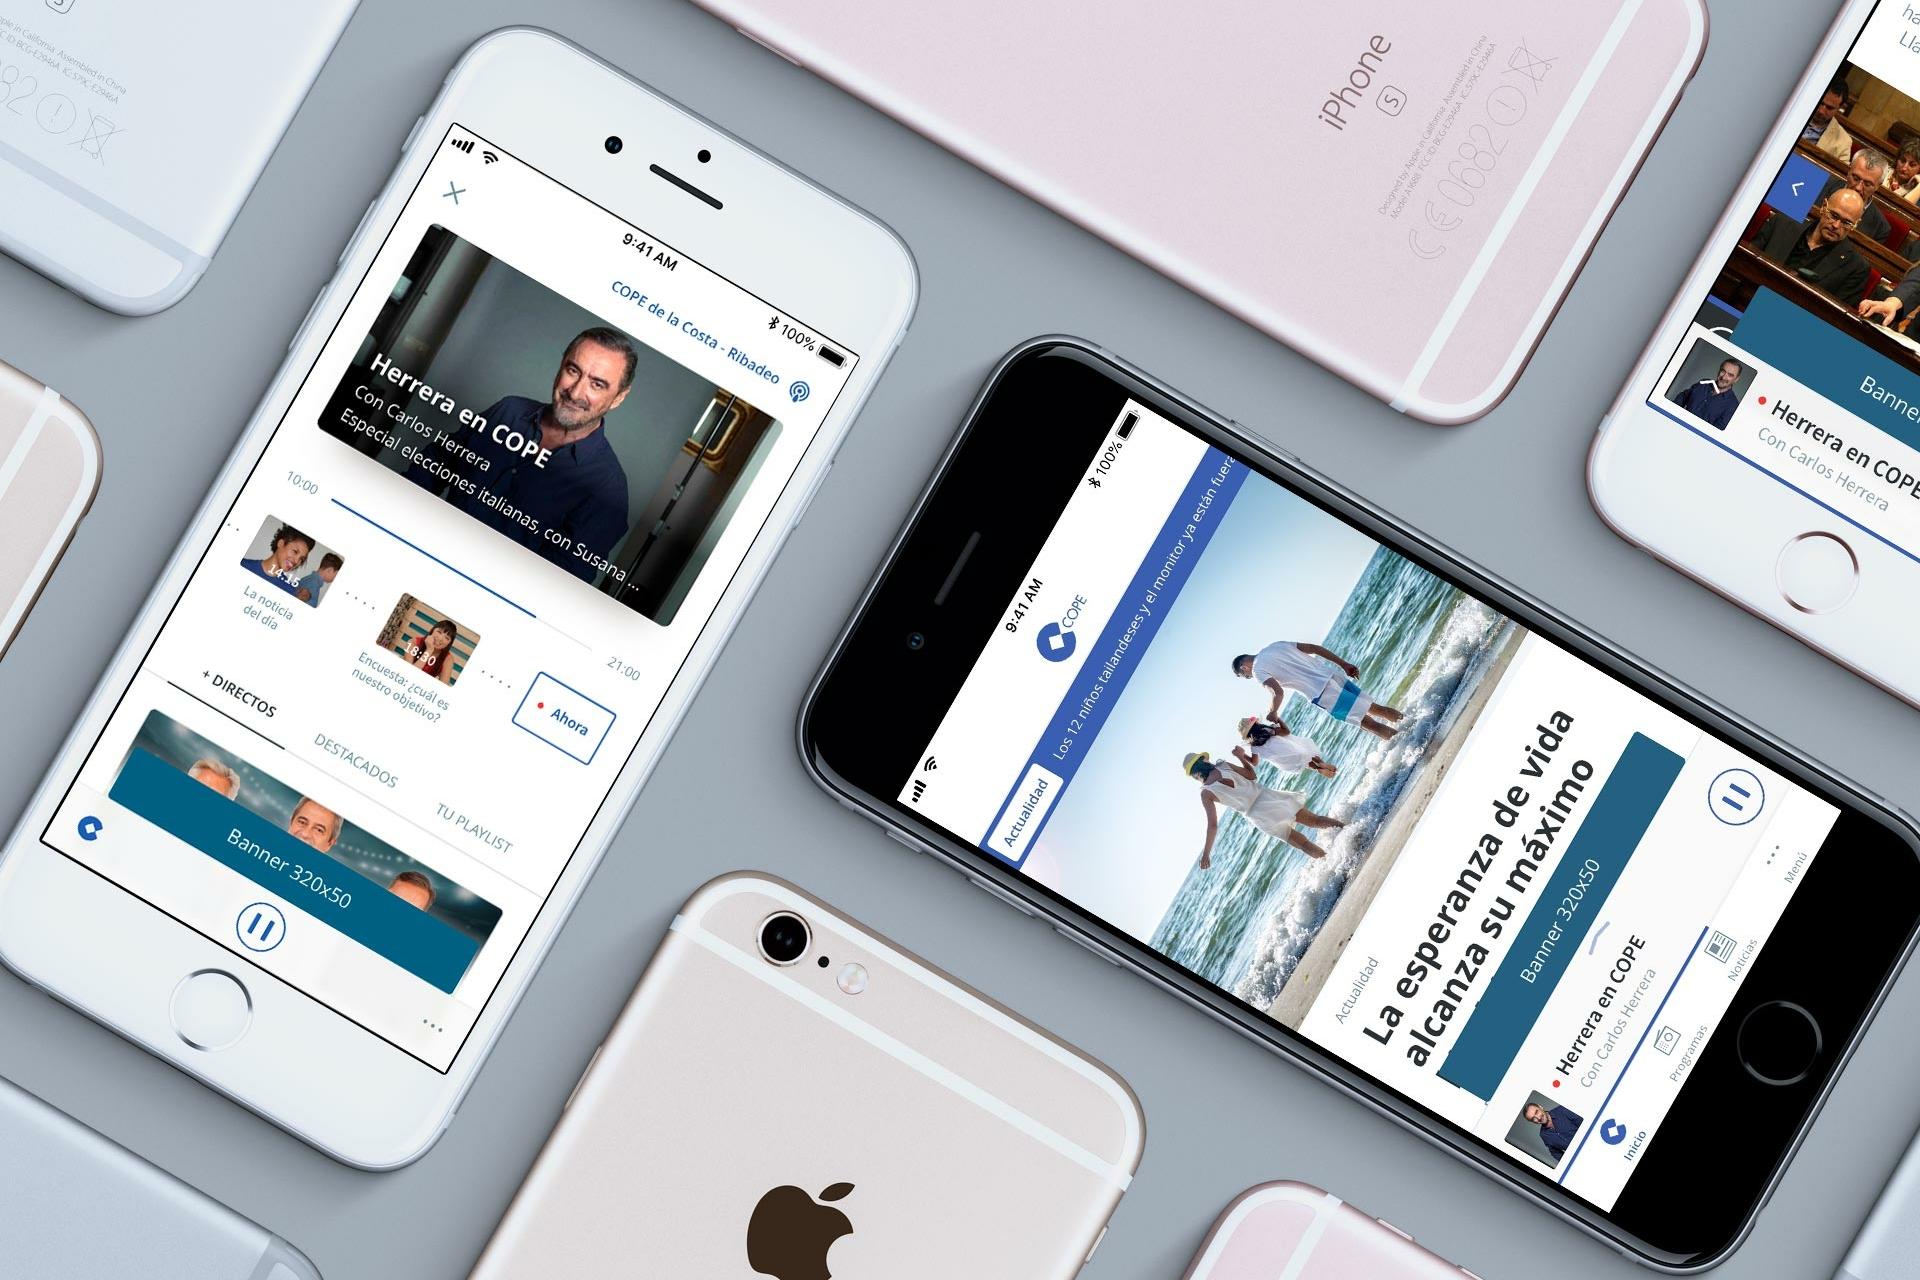 Varios iPhone con pantallas del diseño UX UI de la app de COPE